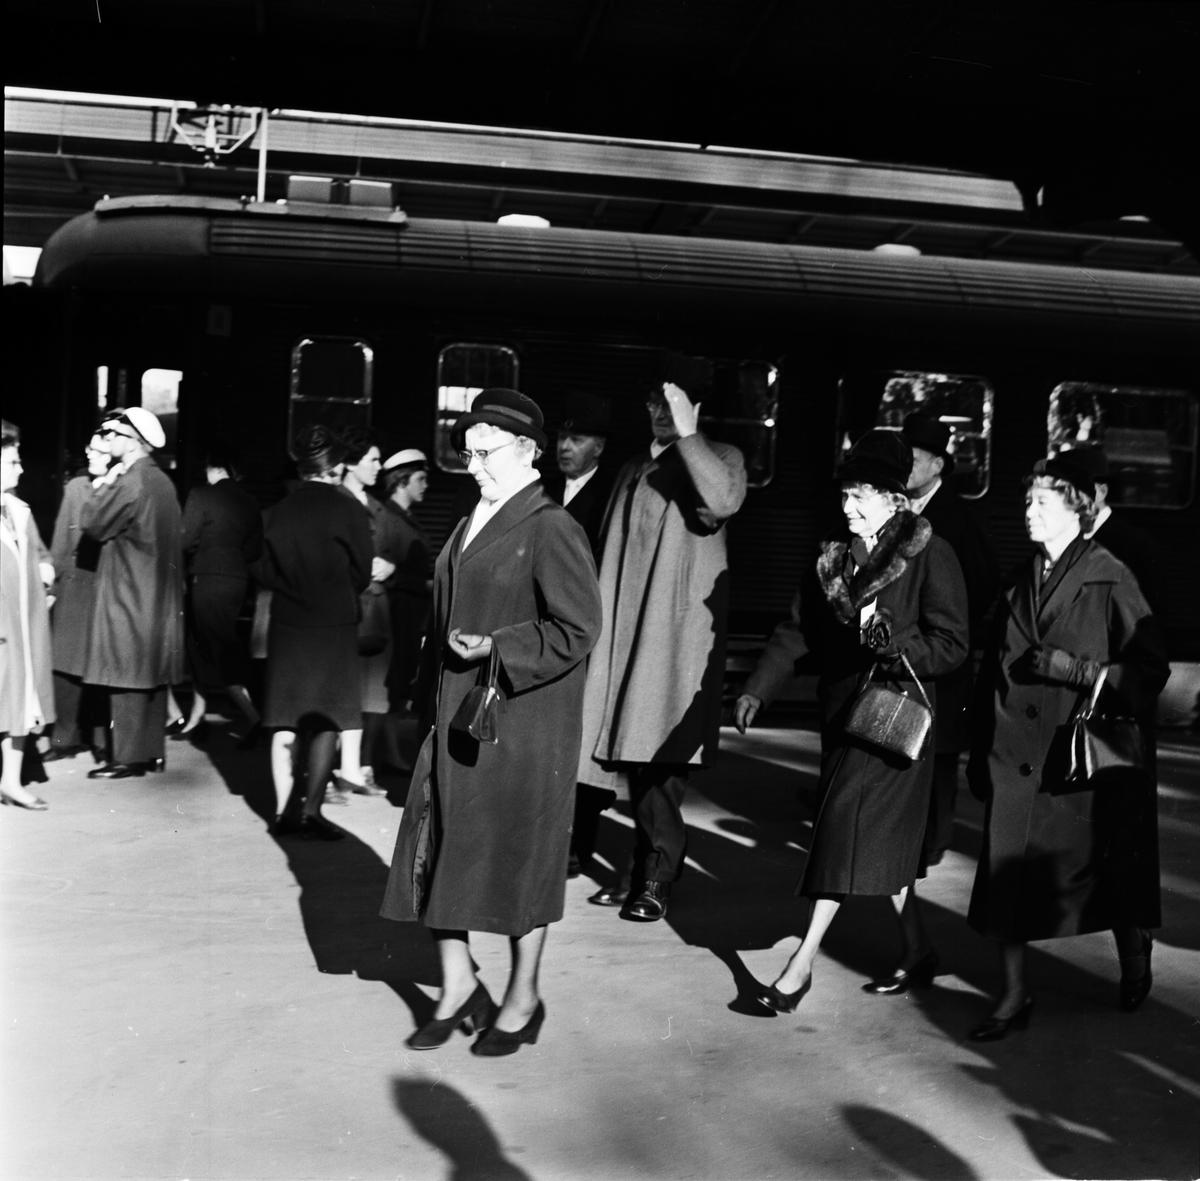 Dag Hammarskjölds begravning. Kringbilder. Uppsala centralstation, Uppsala september 1961